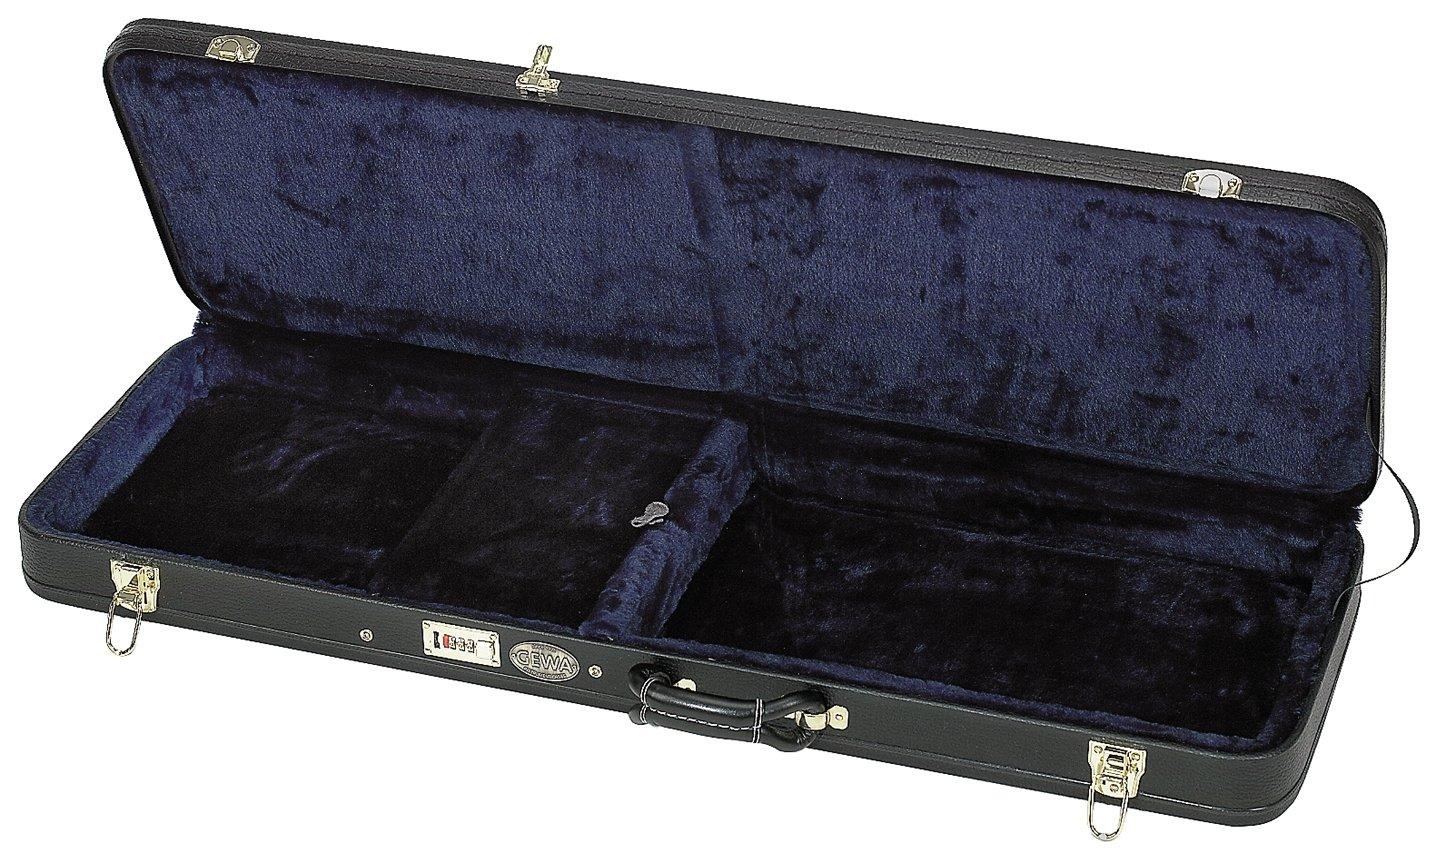 GEWA Arched Top Prestige - Estuche para guitarra eléctrica: Amazon.es: Instrumentos musicales